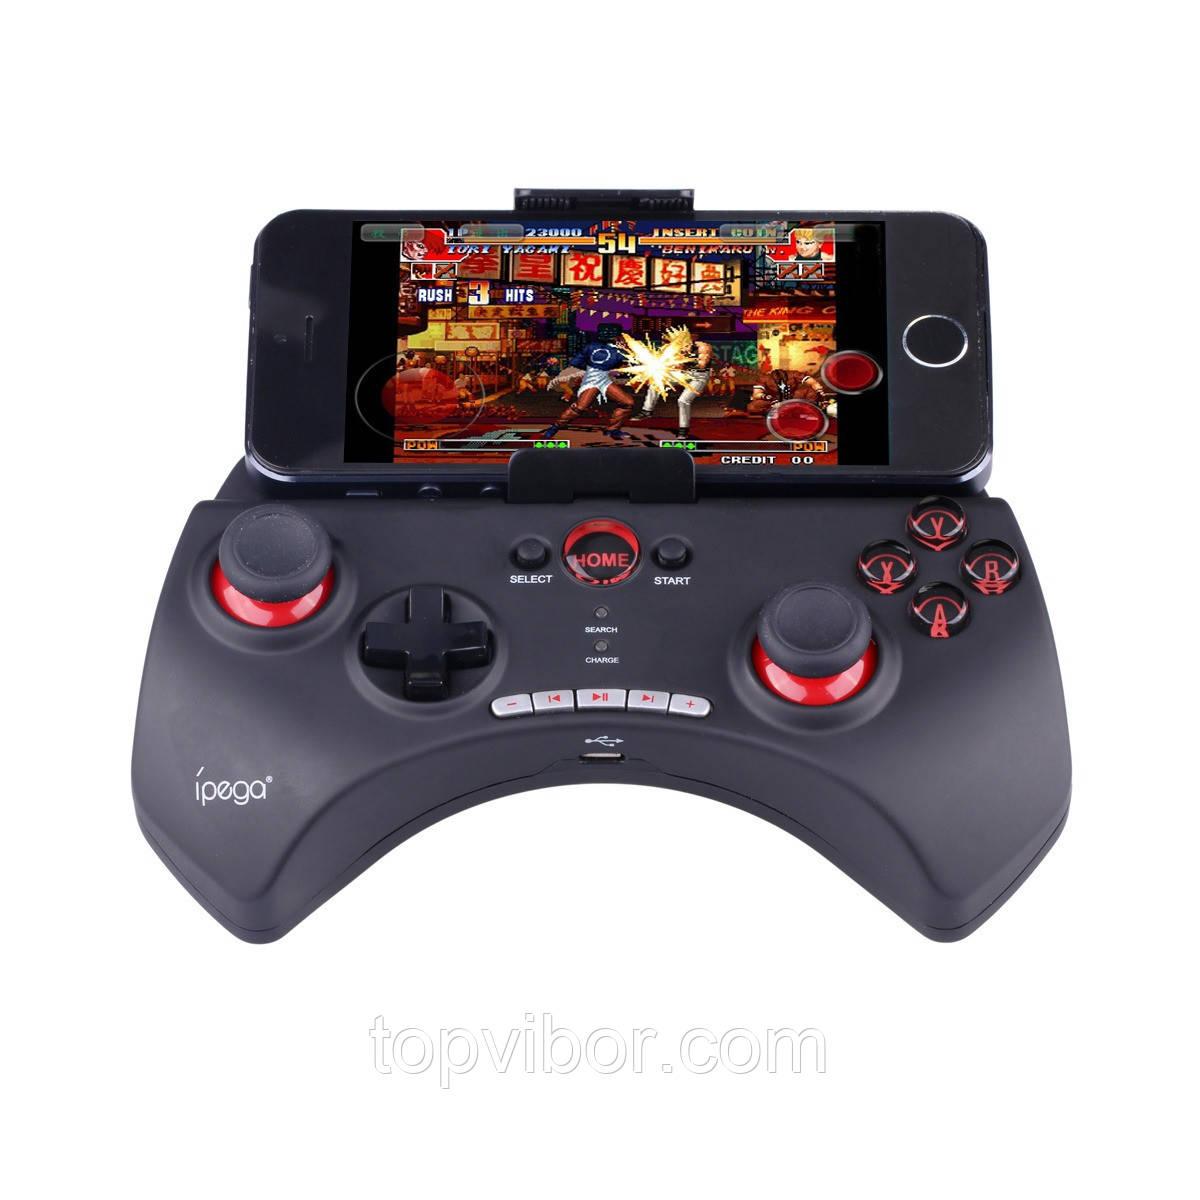 Джойстик для пк и телефона Ipega PG-9025, беспроводной геймпад для пубг | джойстик для телефону